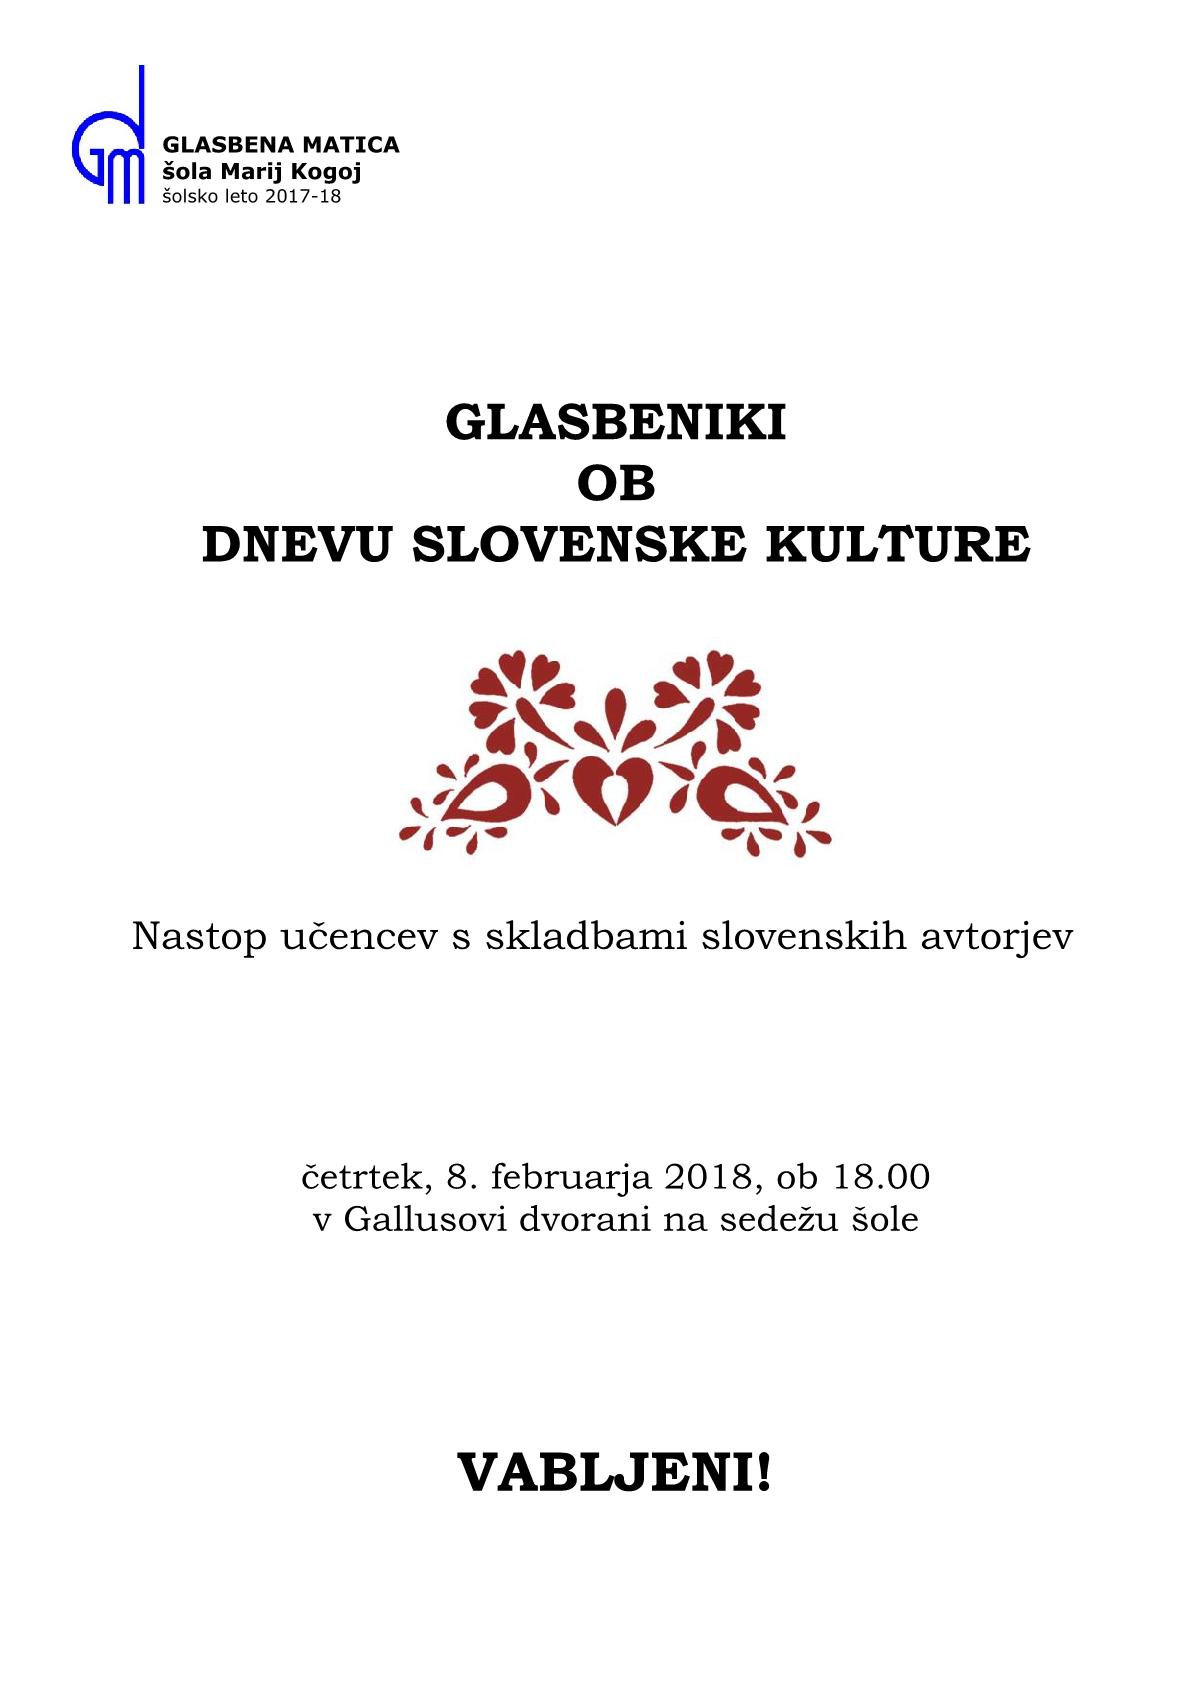 8.2.2018 ob 18.00 v Gallusovi dvorani na sedežu šole v Trstu